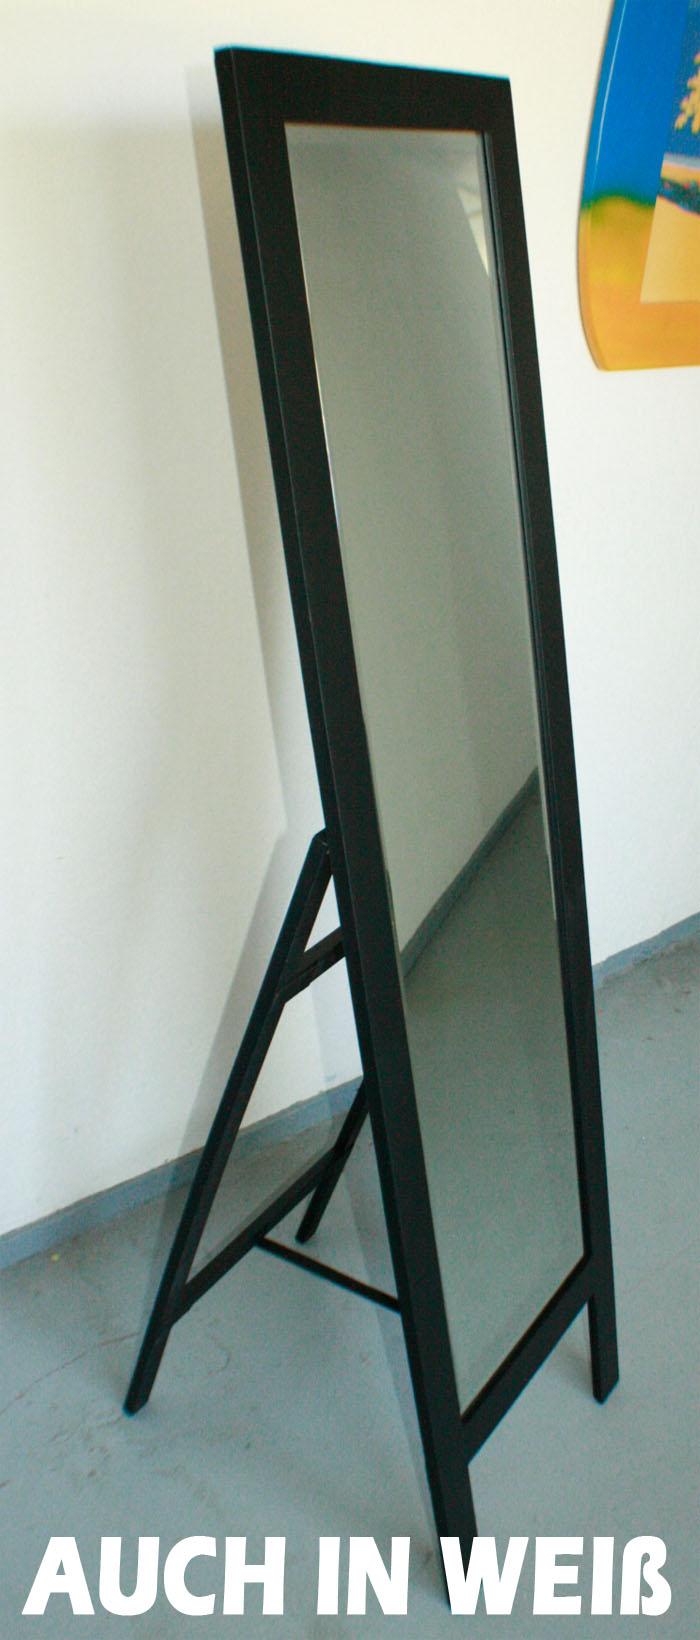 standspiegel spiegel holzrahmen weiss o schwarz 160x45cm. Black Bedroom Furniture Sets. Home Design Ideas